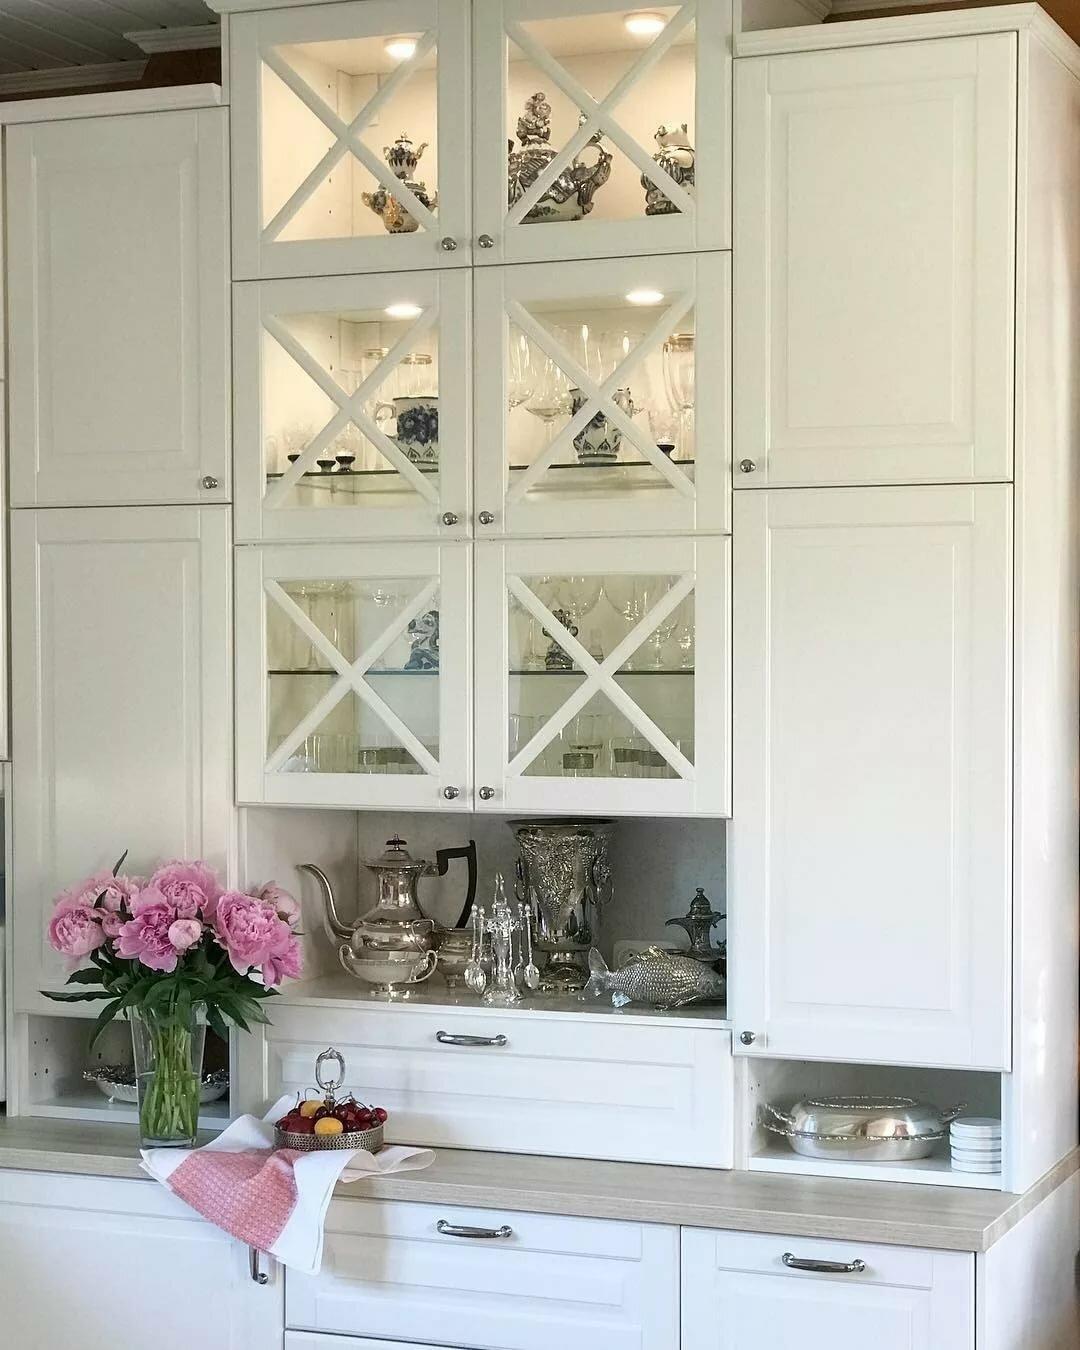 кухонные шкафы икеа фото памятному дню